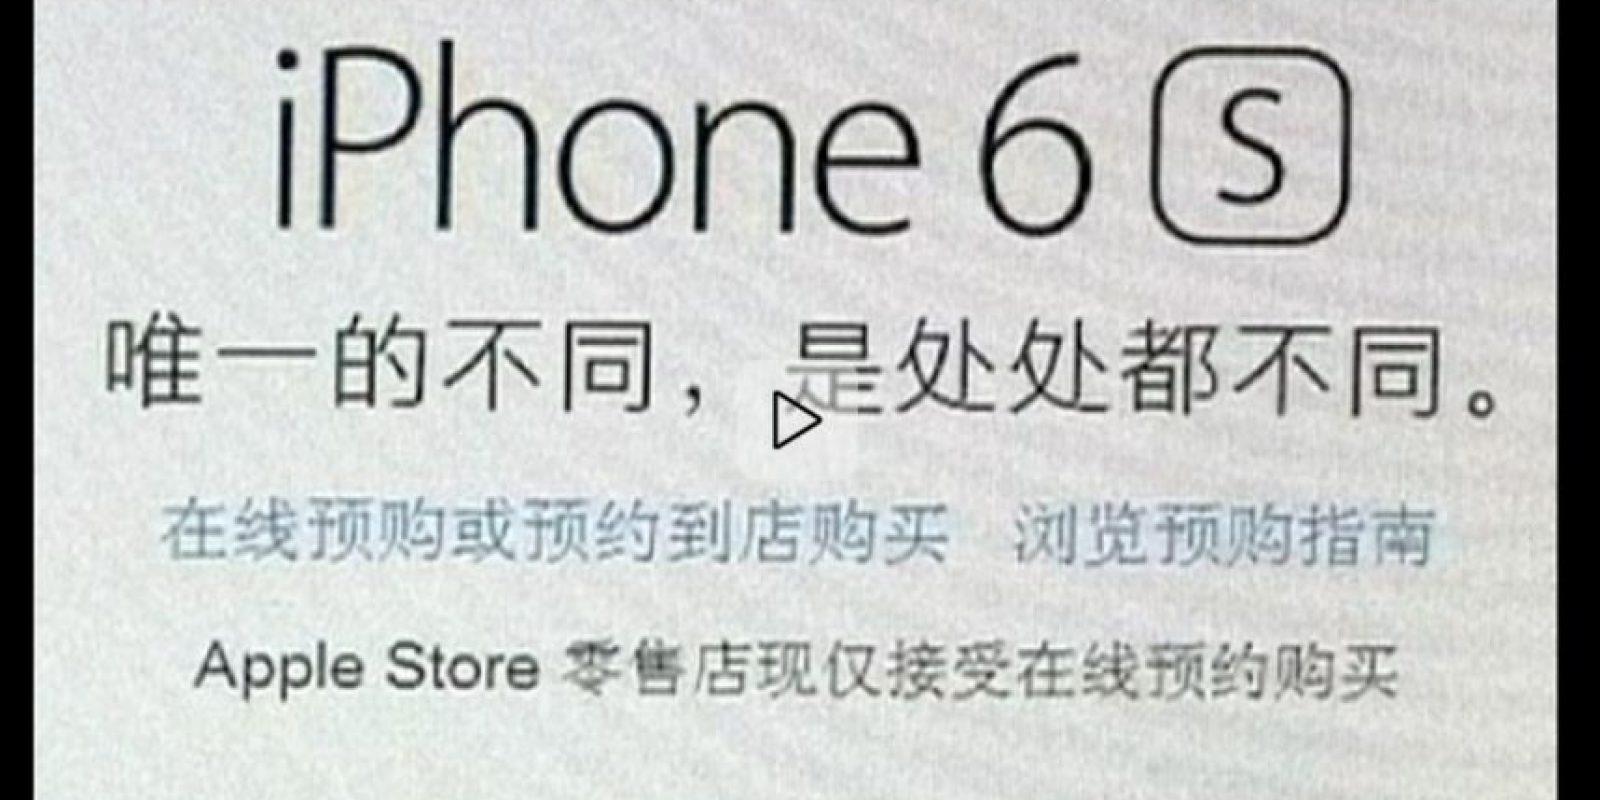 La alerta comenzó en China, donde se encontraron muchas aplicaciones maliciosas Foto:C. MARTÍNEZ/YouTube